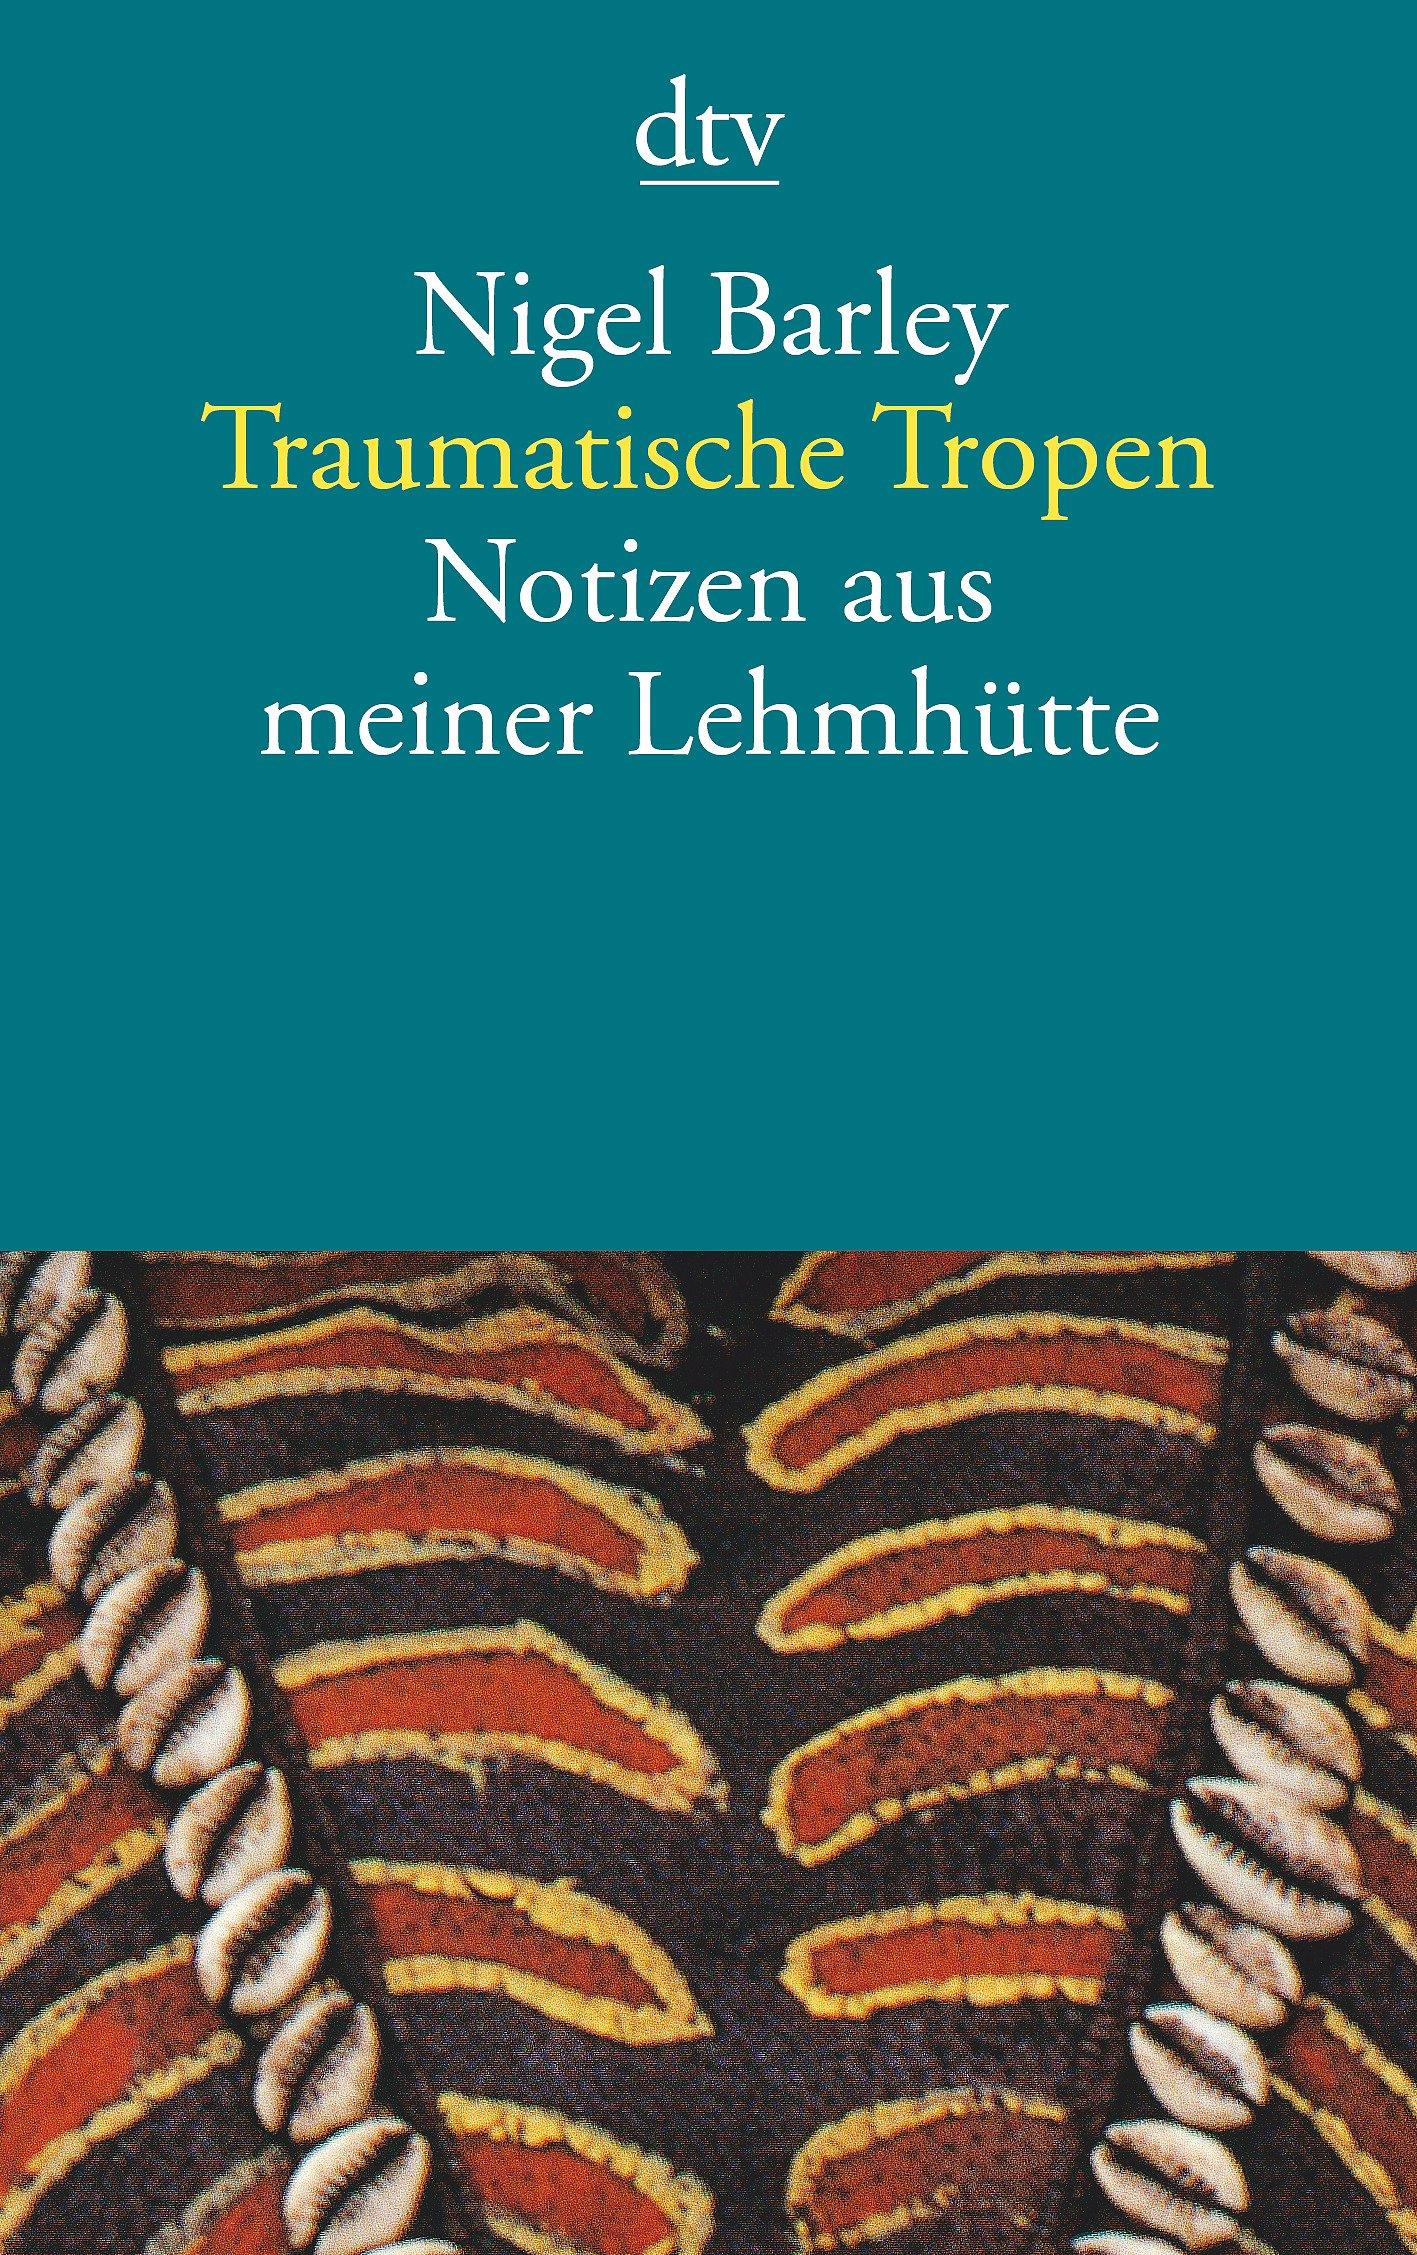 Traumatische Tropen: Notizen aus meiner Lehmhütte Taschenbuch – 1. November 1997 Nigel Barley Ulrich Enderwitz dtv Verlagsgesellschaft 3423123990